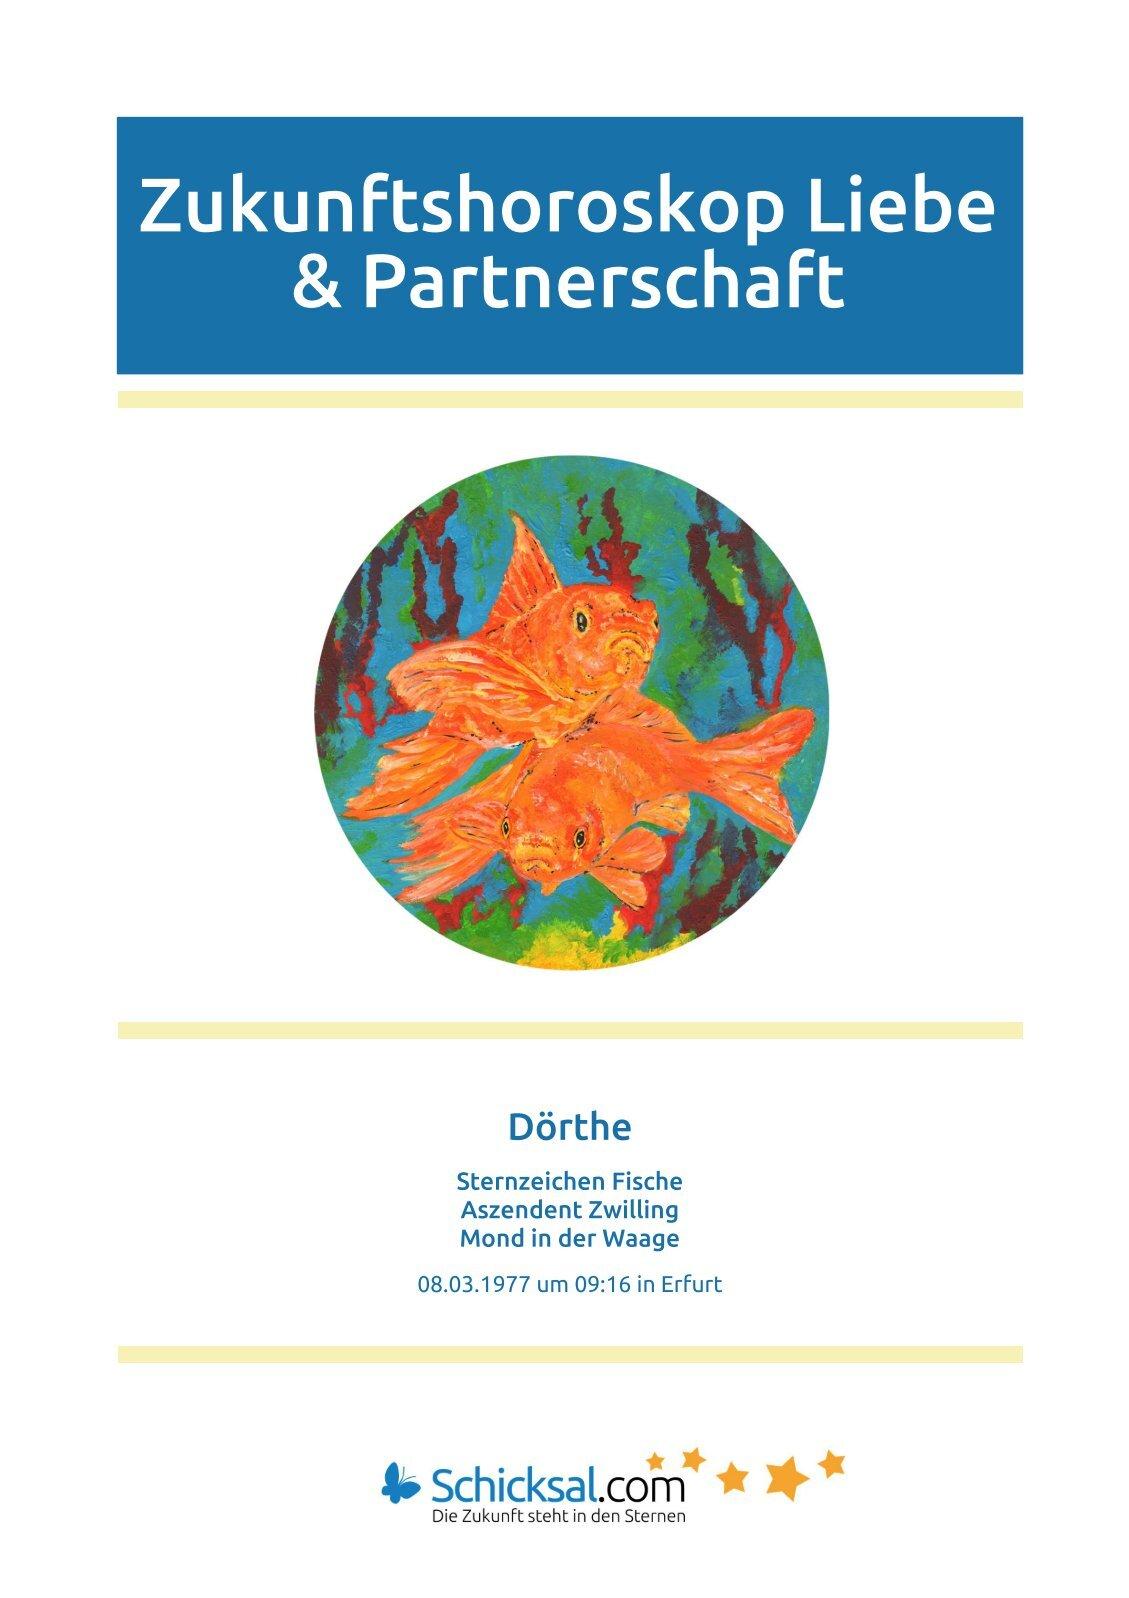 Fische Zukunftshoroskop Liebe und Partnerschaft